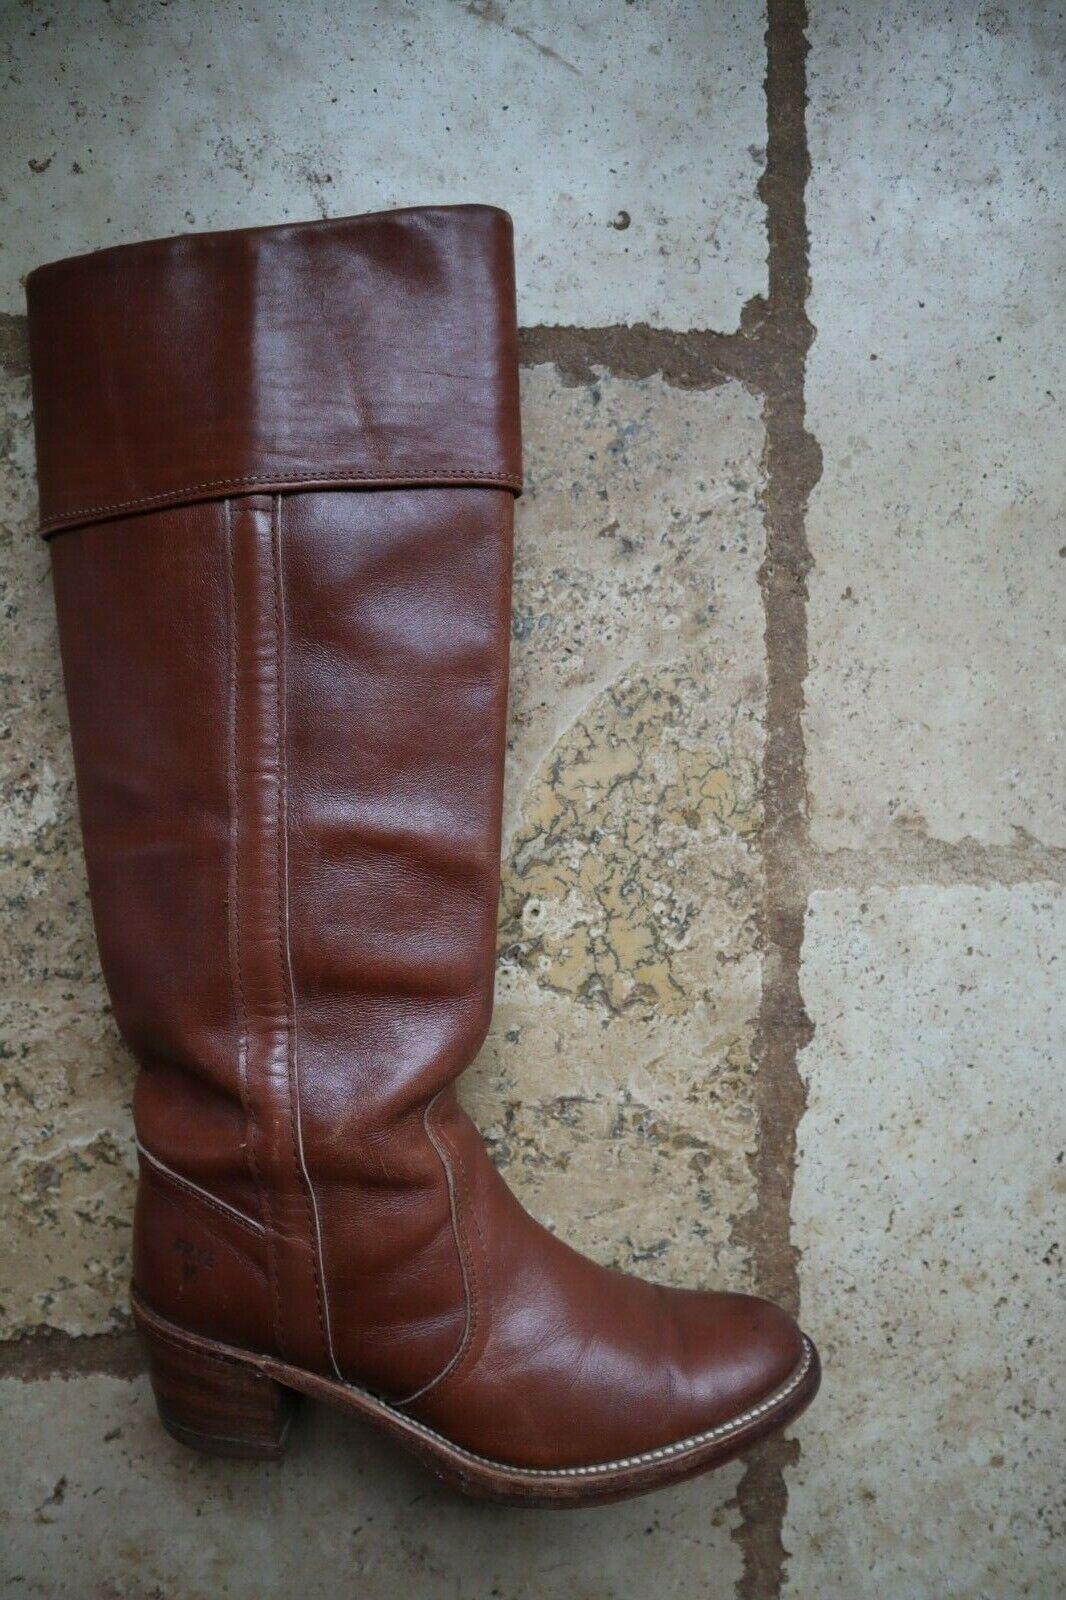 Caramelo Marrón Oscuro Vintage Frye botas de estilo 8515 de alto con puño campus 7.5 B